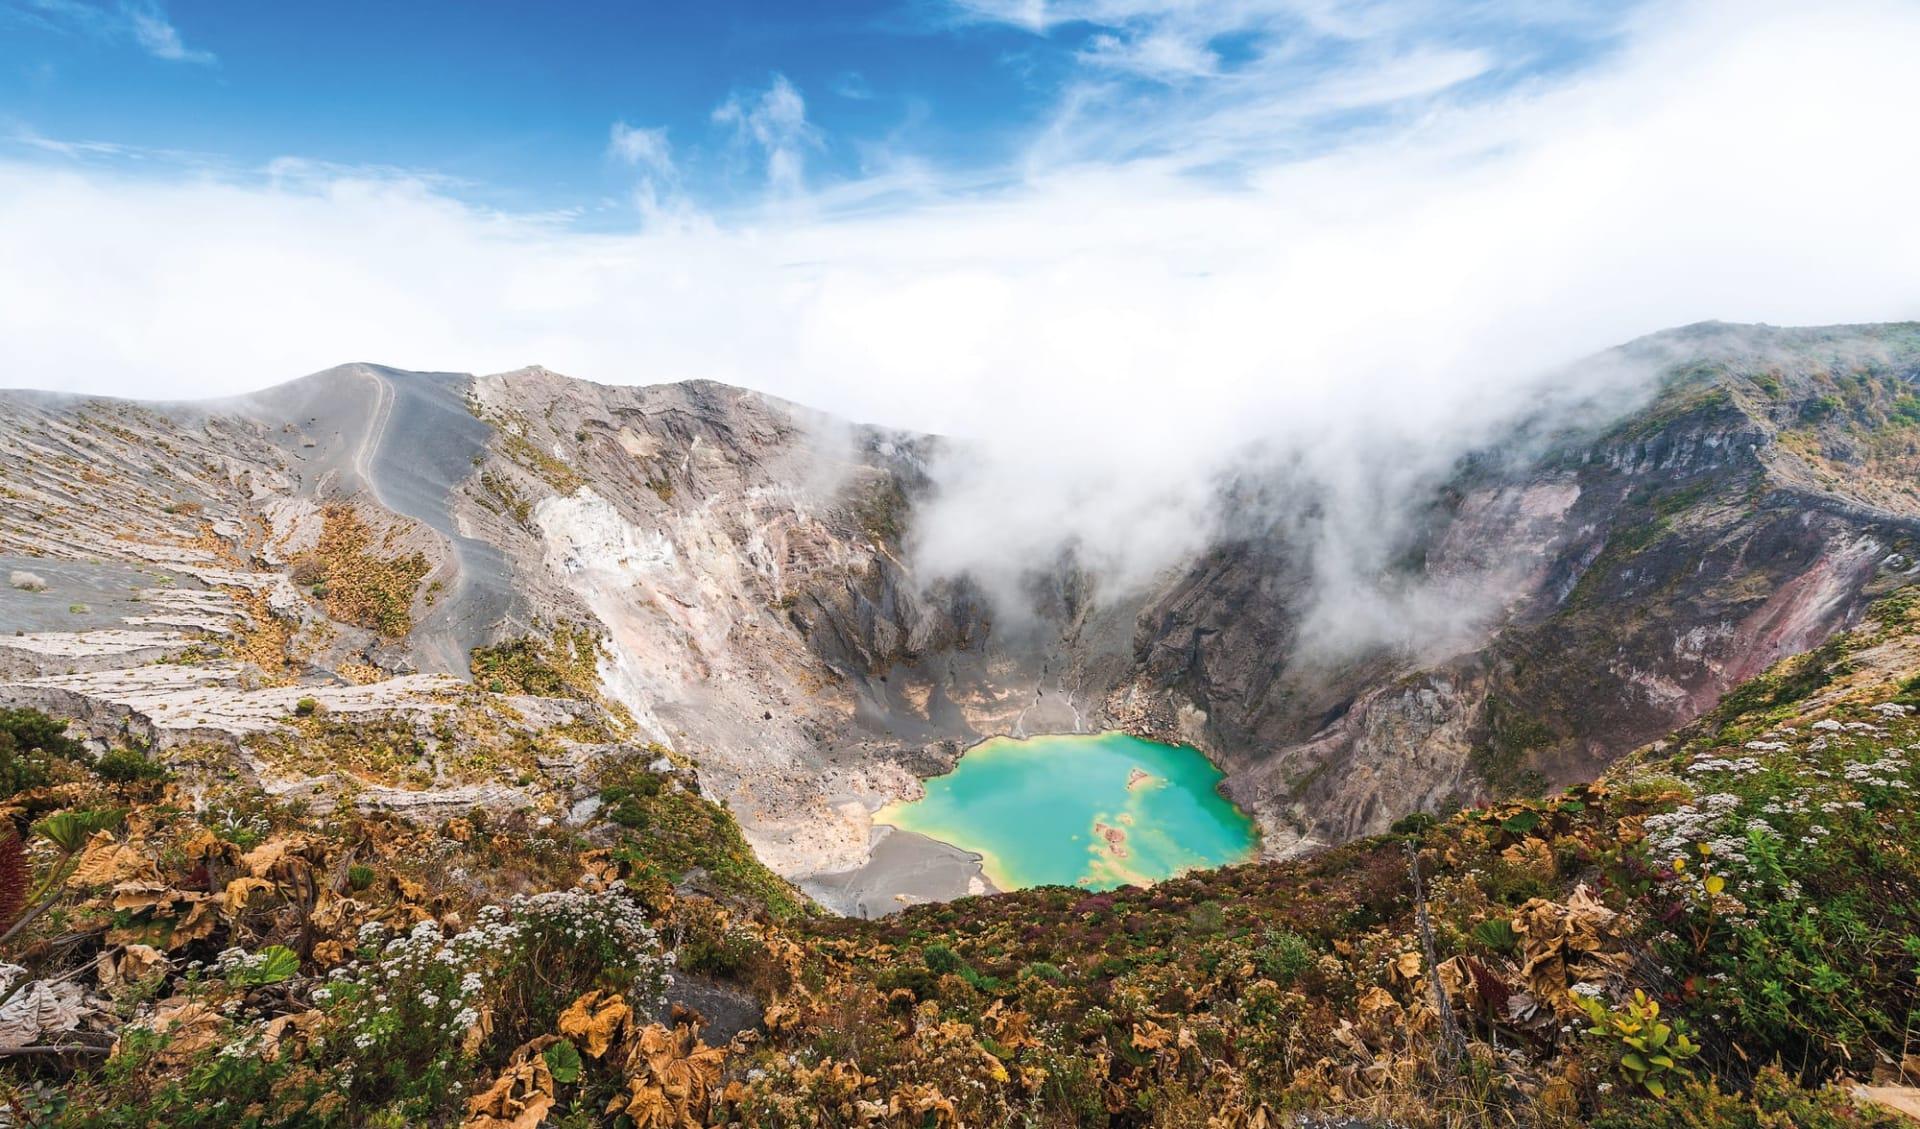 Leserreise Luzerner Zeitung Costa Rica ab San José City: Costa Rica - Irazú Vulkan - Blick auf Krater